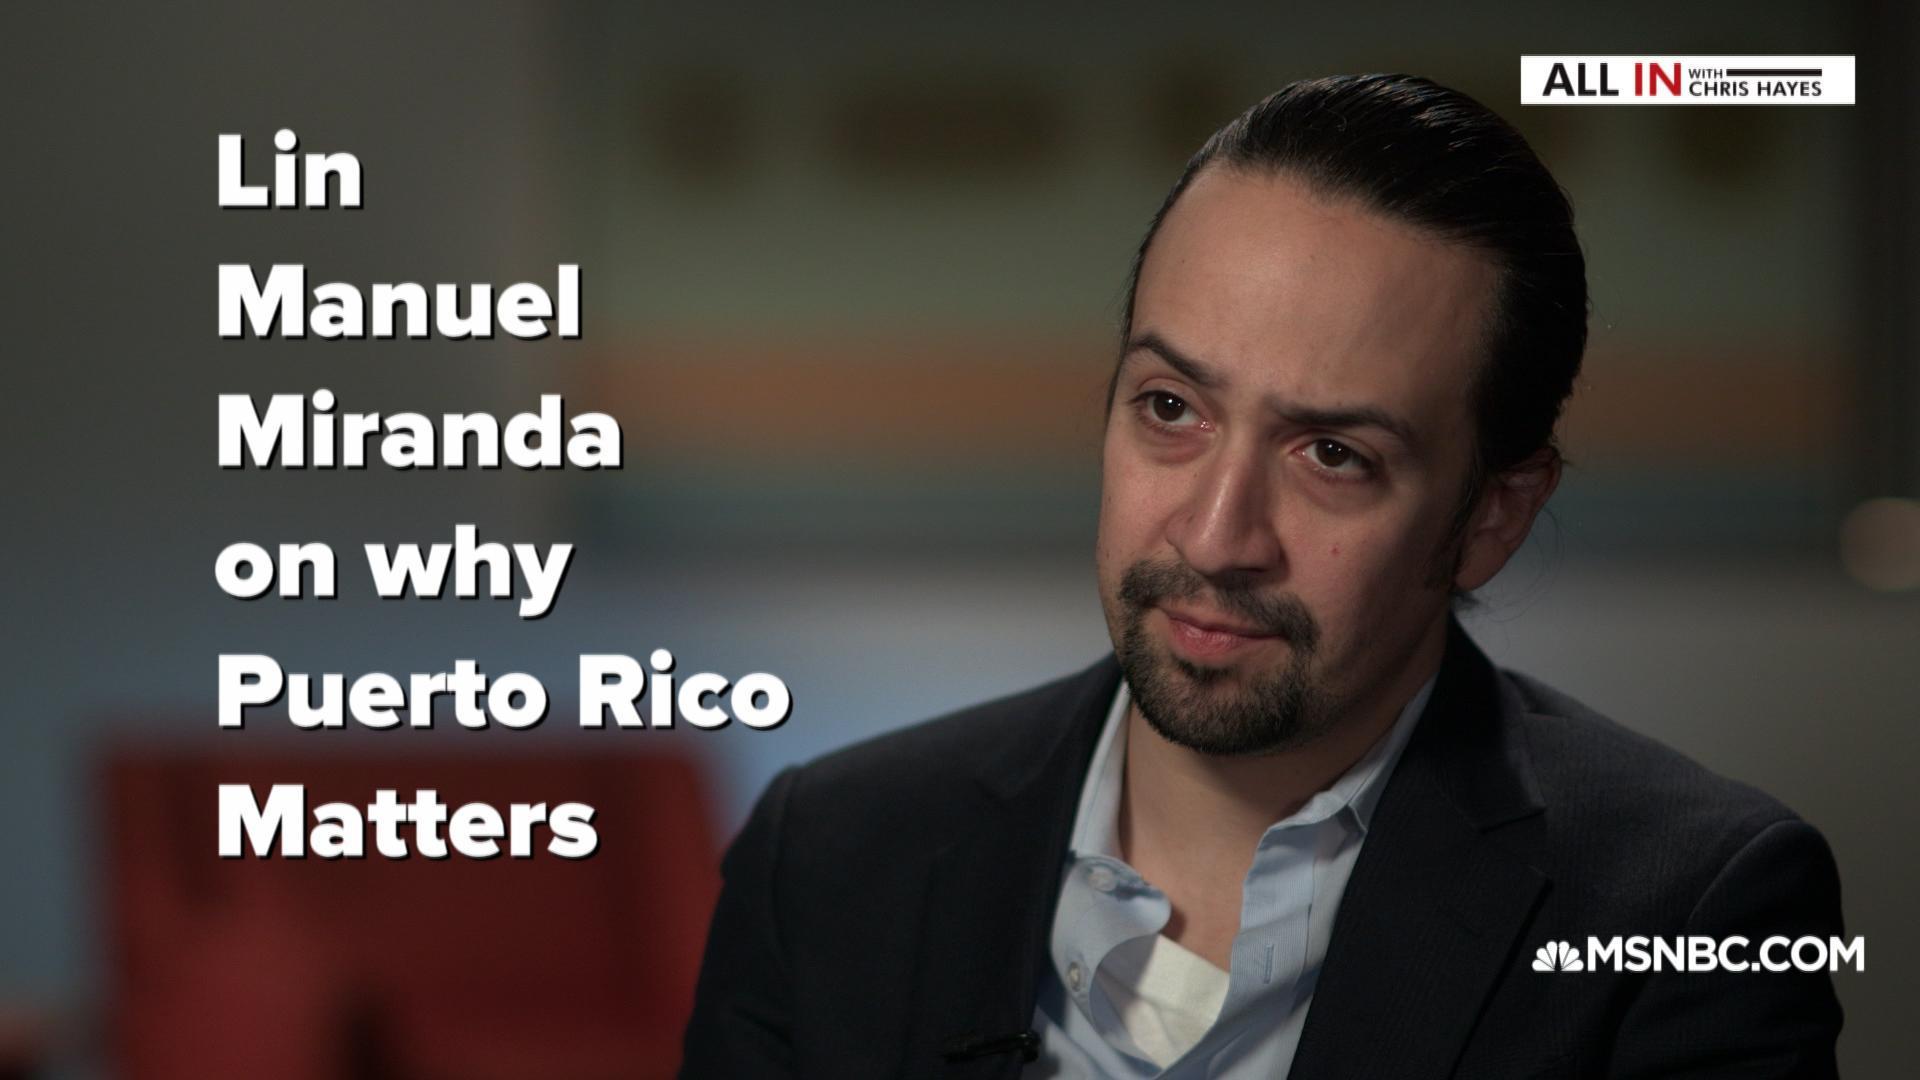 Lin-Manuel Miranda on saving Puerto Rico